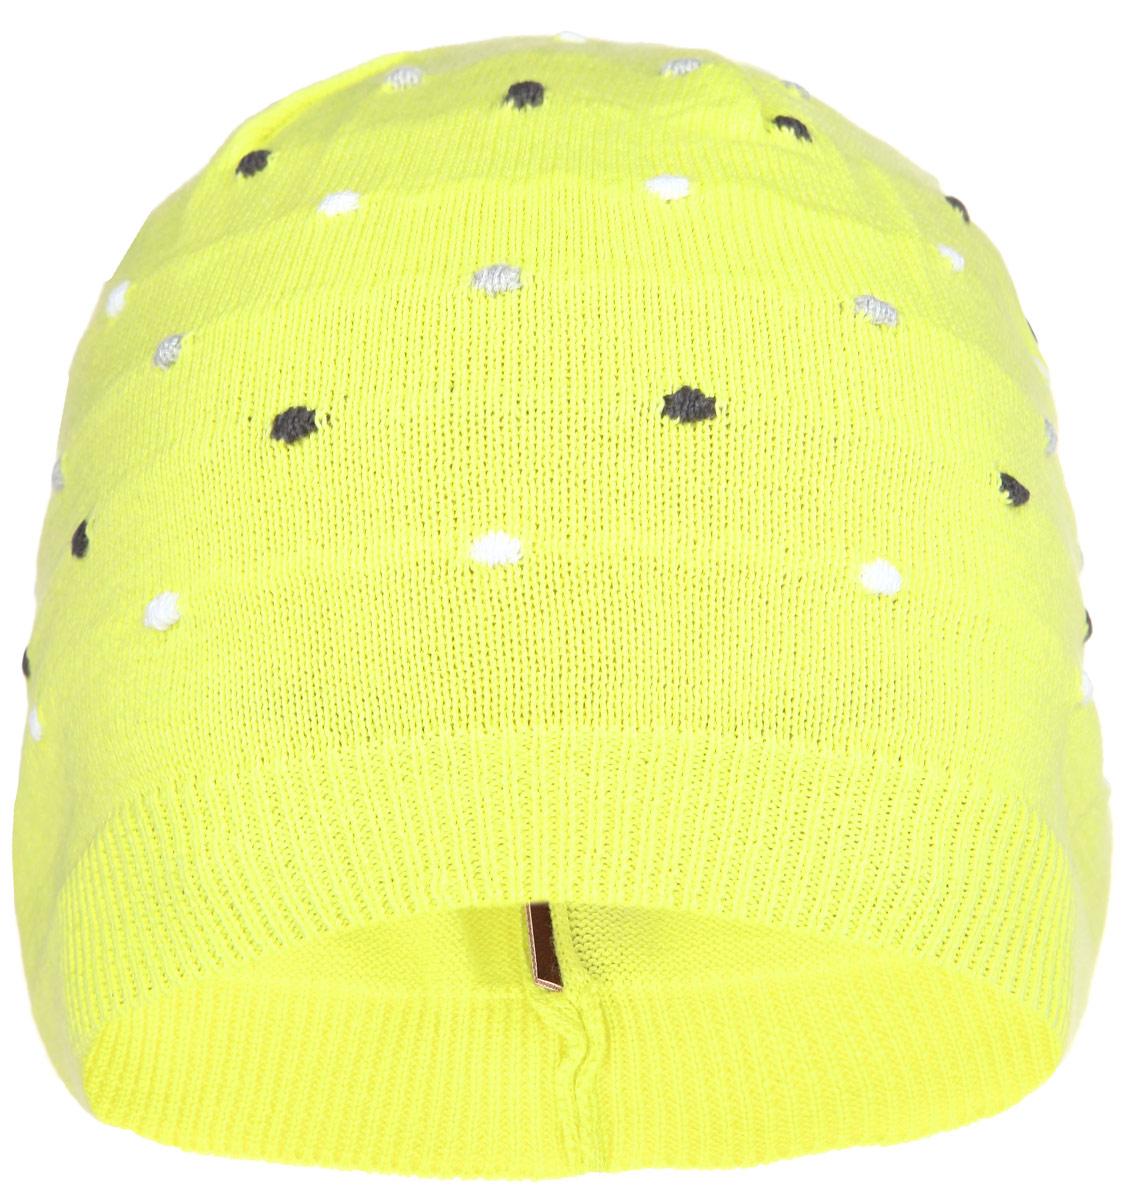 528461_2310Комфортная детская шапка Reima Bilberry идеально подойдет для прогулок в прохладное время года и защитит вашего ребенка от ветра. Шапочка изготовлена из мягкой хлопковой пряжи. Модель оформлена контрастными вязаными горошинами. Понизу изделие связано мелкой резинкой. В такой шапке ваш ребенок будет чувствовать себя уютно и комфортно и всегда будет в центре внимания! Уважаемые клиенты! Размер, доступный для заказа, является обхватом головы ребенка.